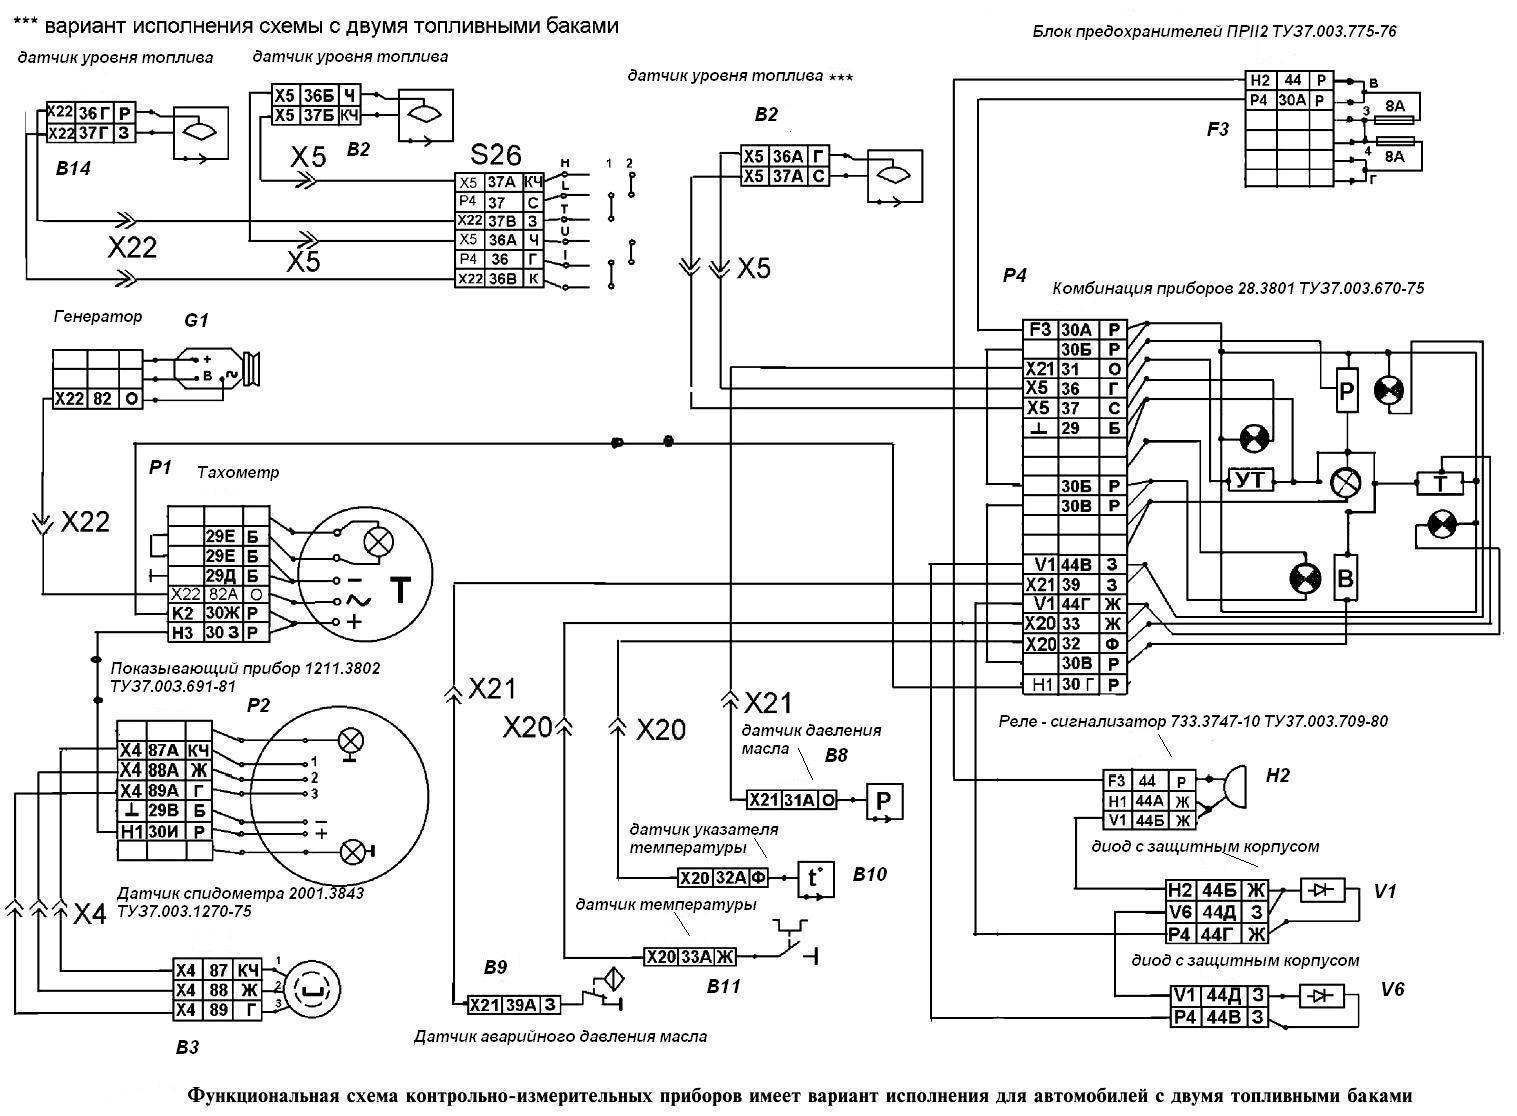 схема подключения измерительных приборов.